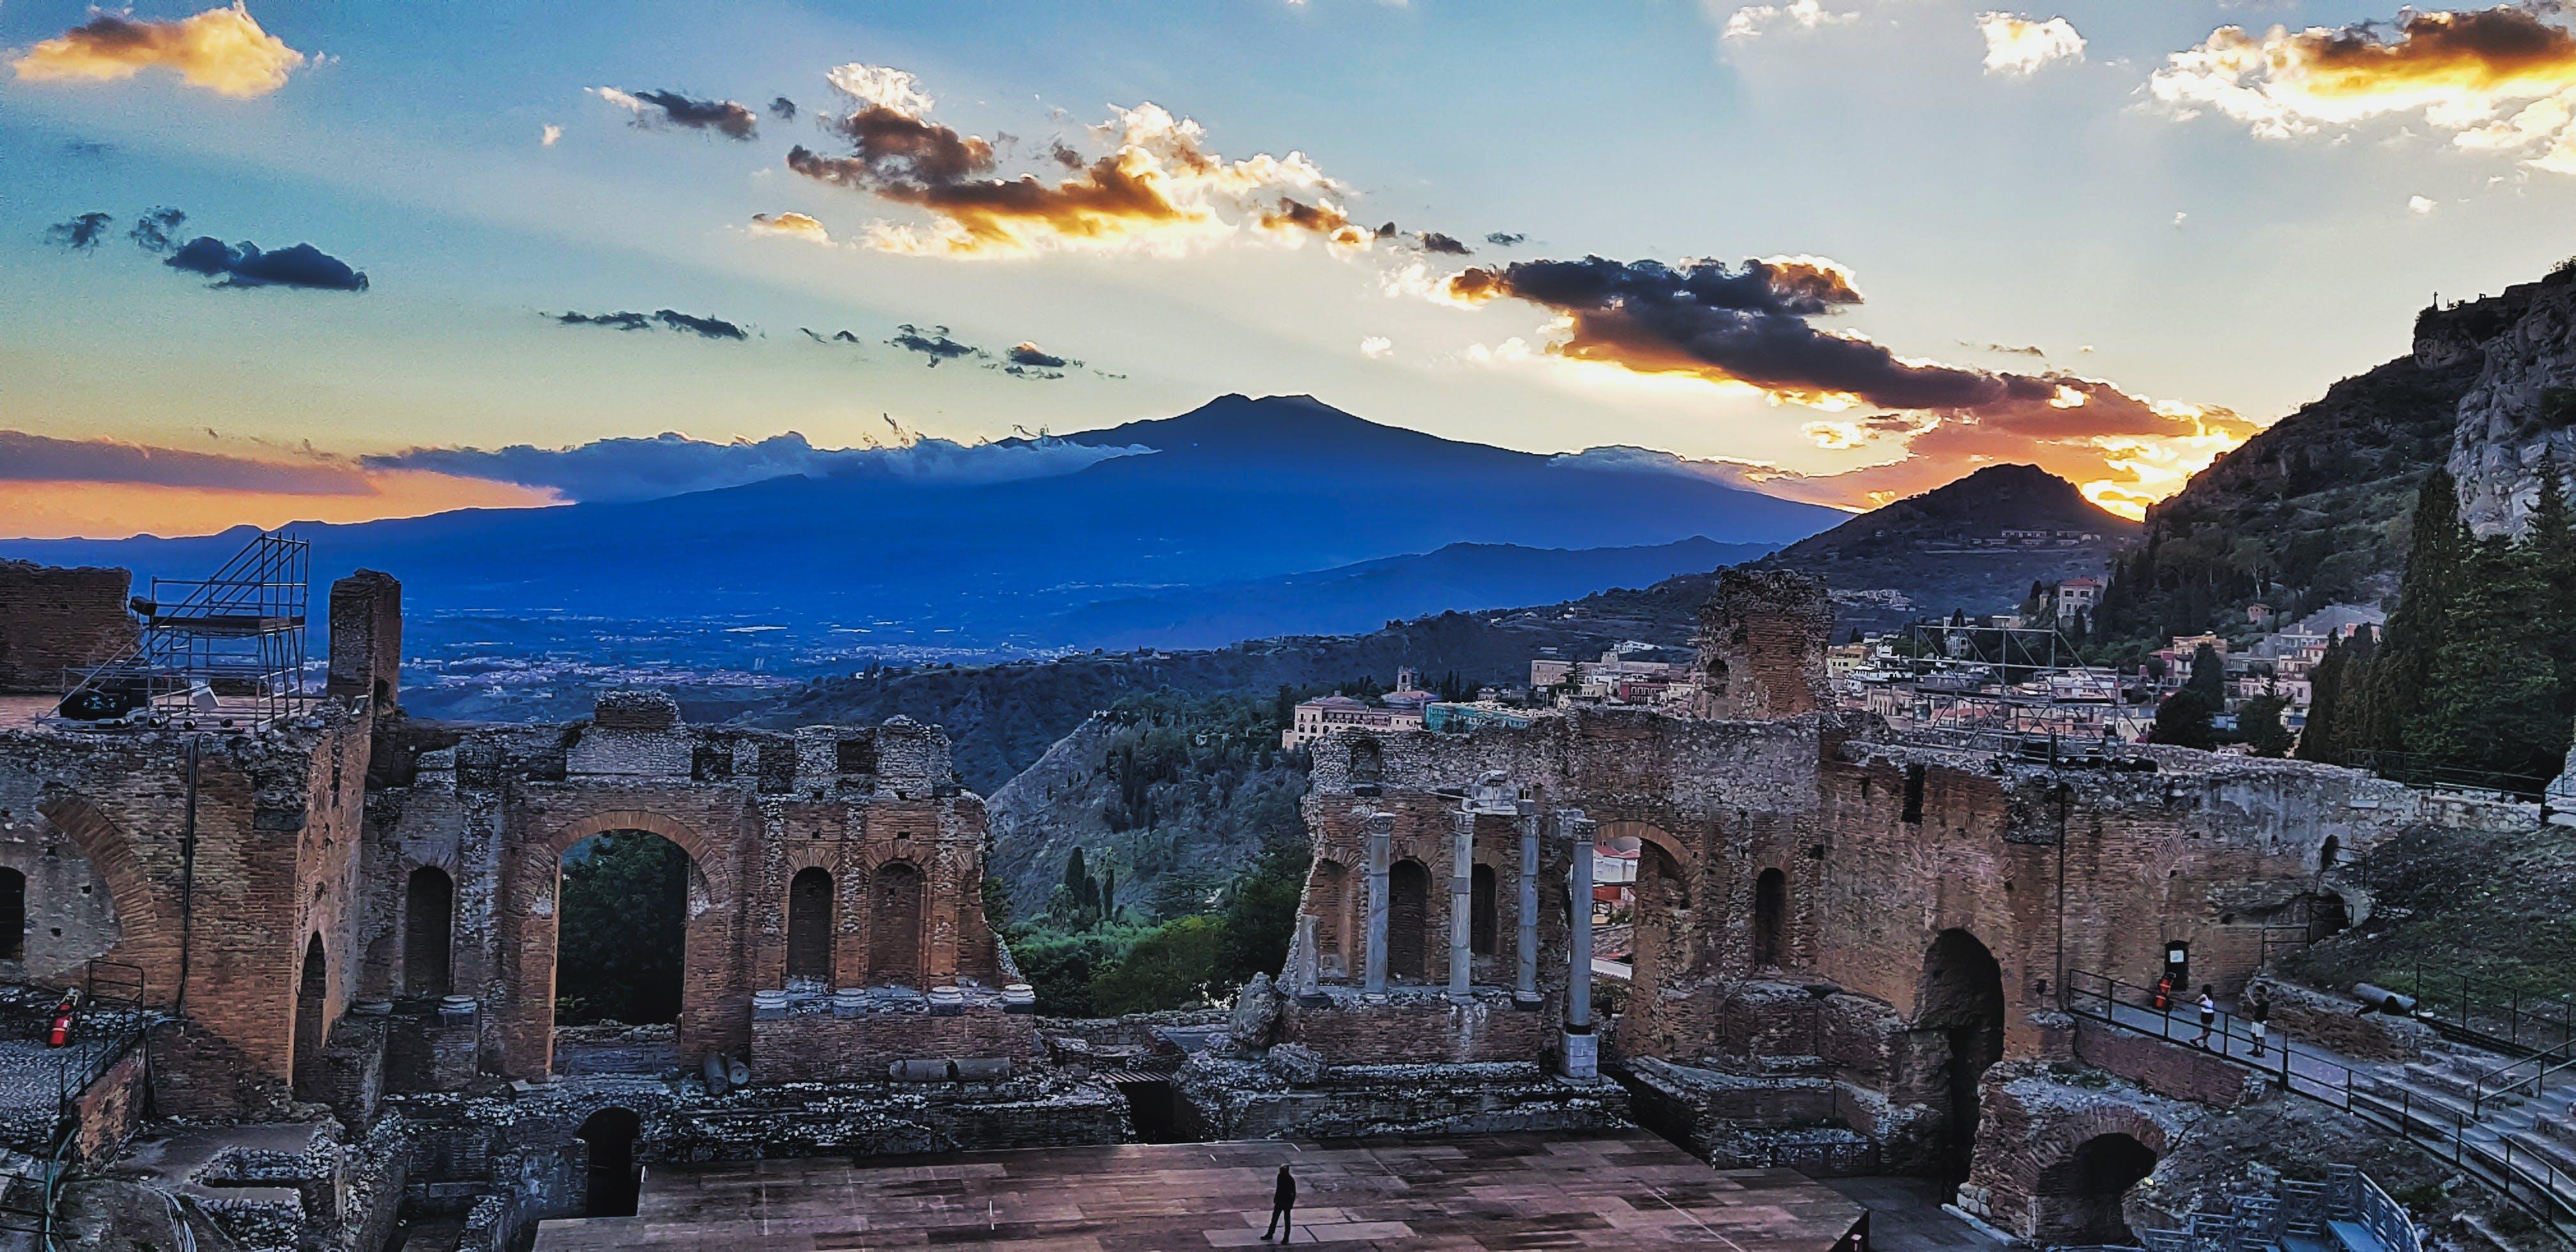 Free stock photo of etna, evening, evening sky, evening sun